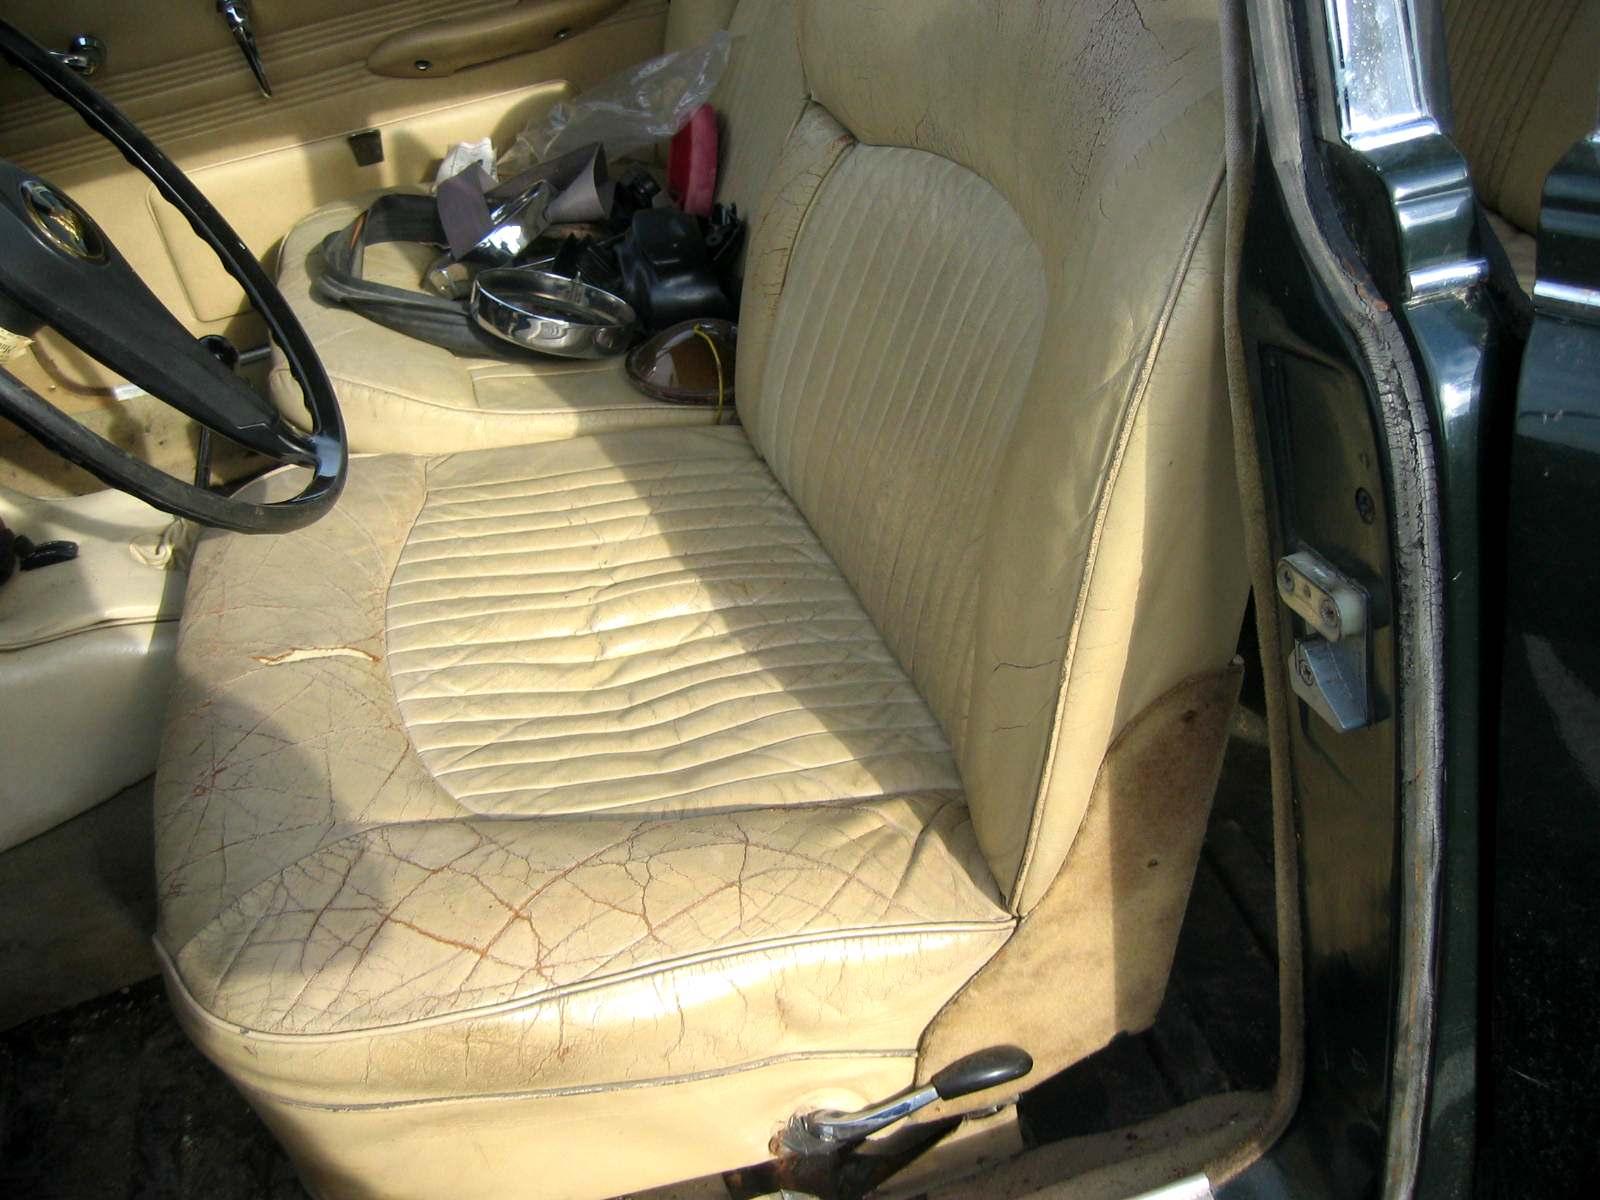 restauration jaguar 3 8l s type de m baillon par decapsoft. Black Bedroom Furniture Sets. Home Design Ideas